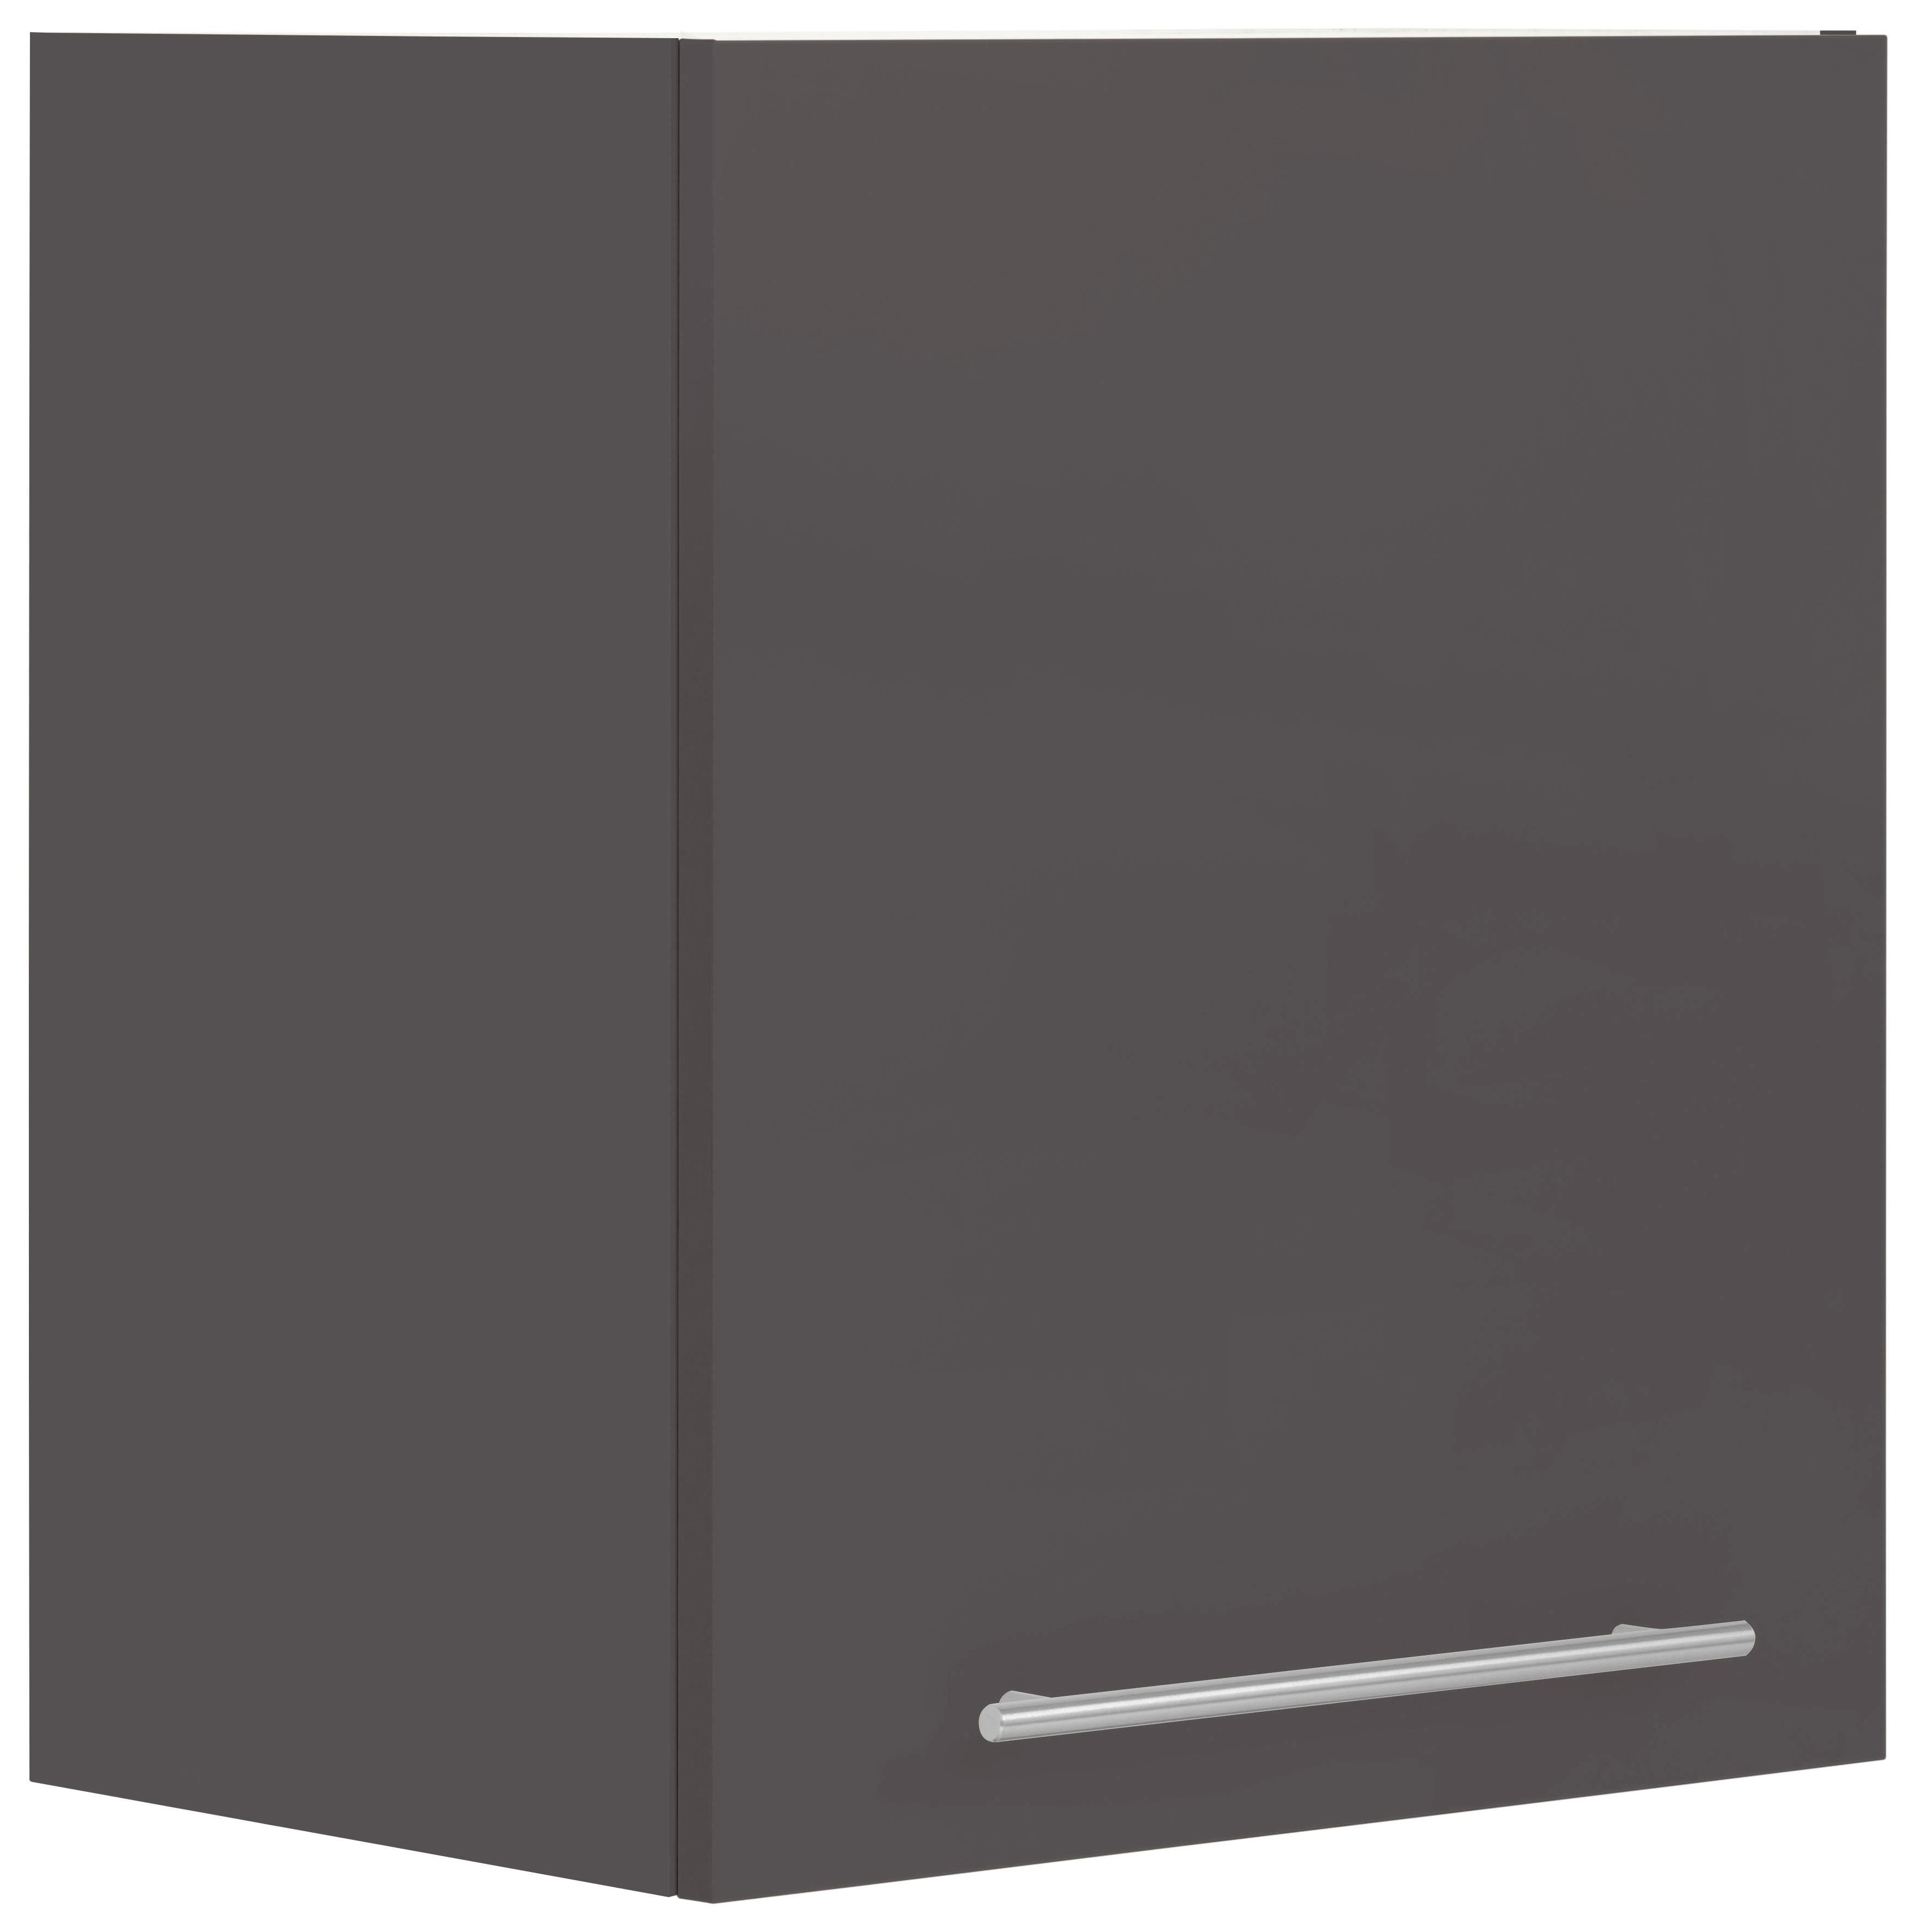 wiho Küchen Hängeschrank Flexi2 | Küche und Esszimmer > Küchenschränke > Küchen-Hängeschränke | Wiho Küchen